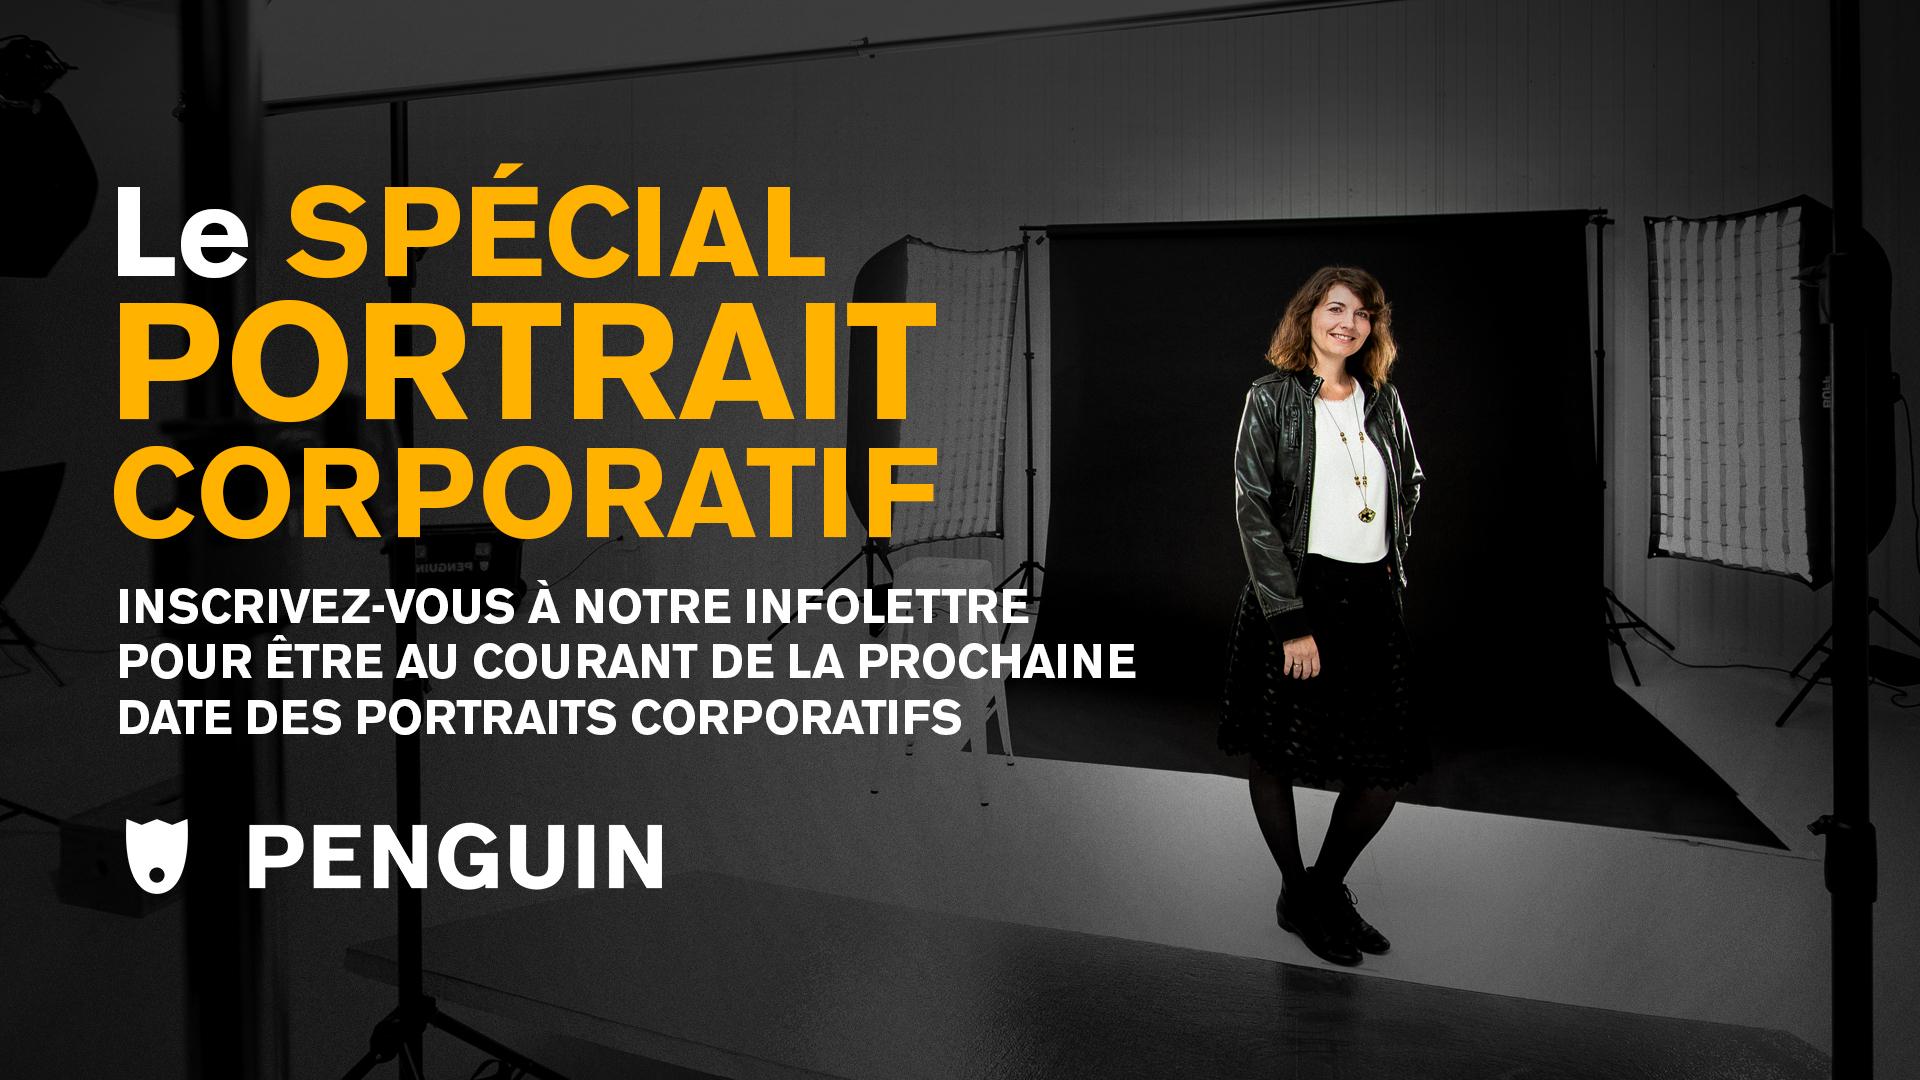 Bannière Pour Le Spécial Portrait Corporatif